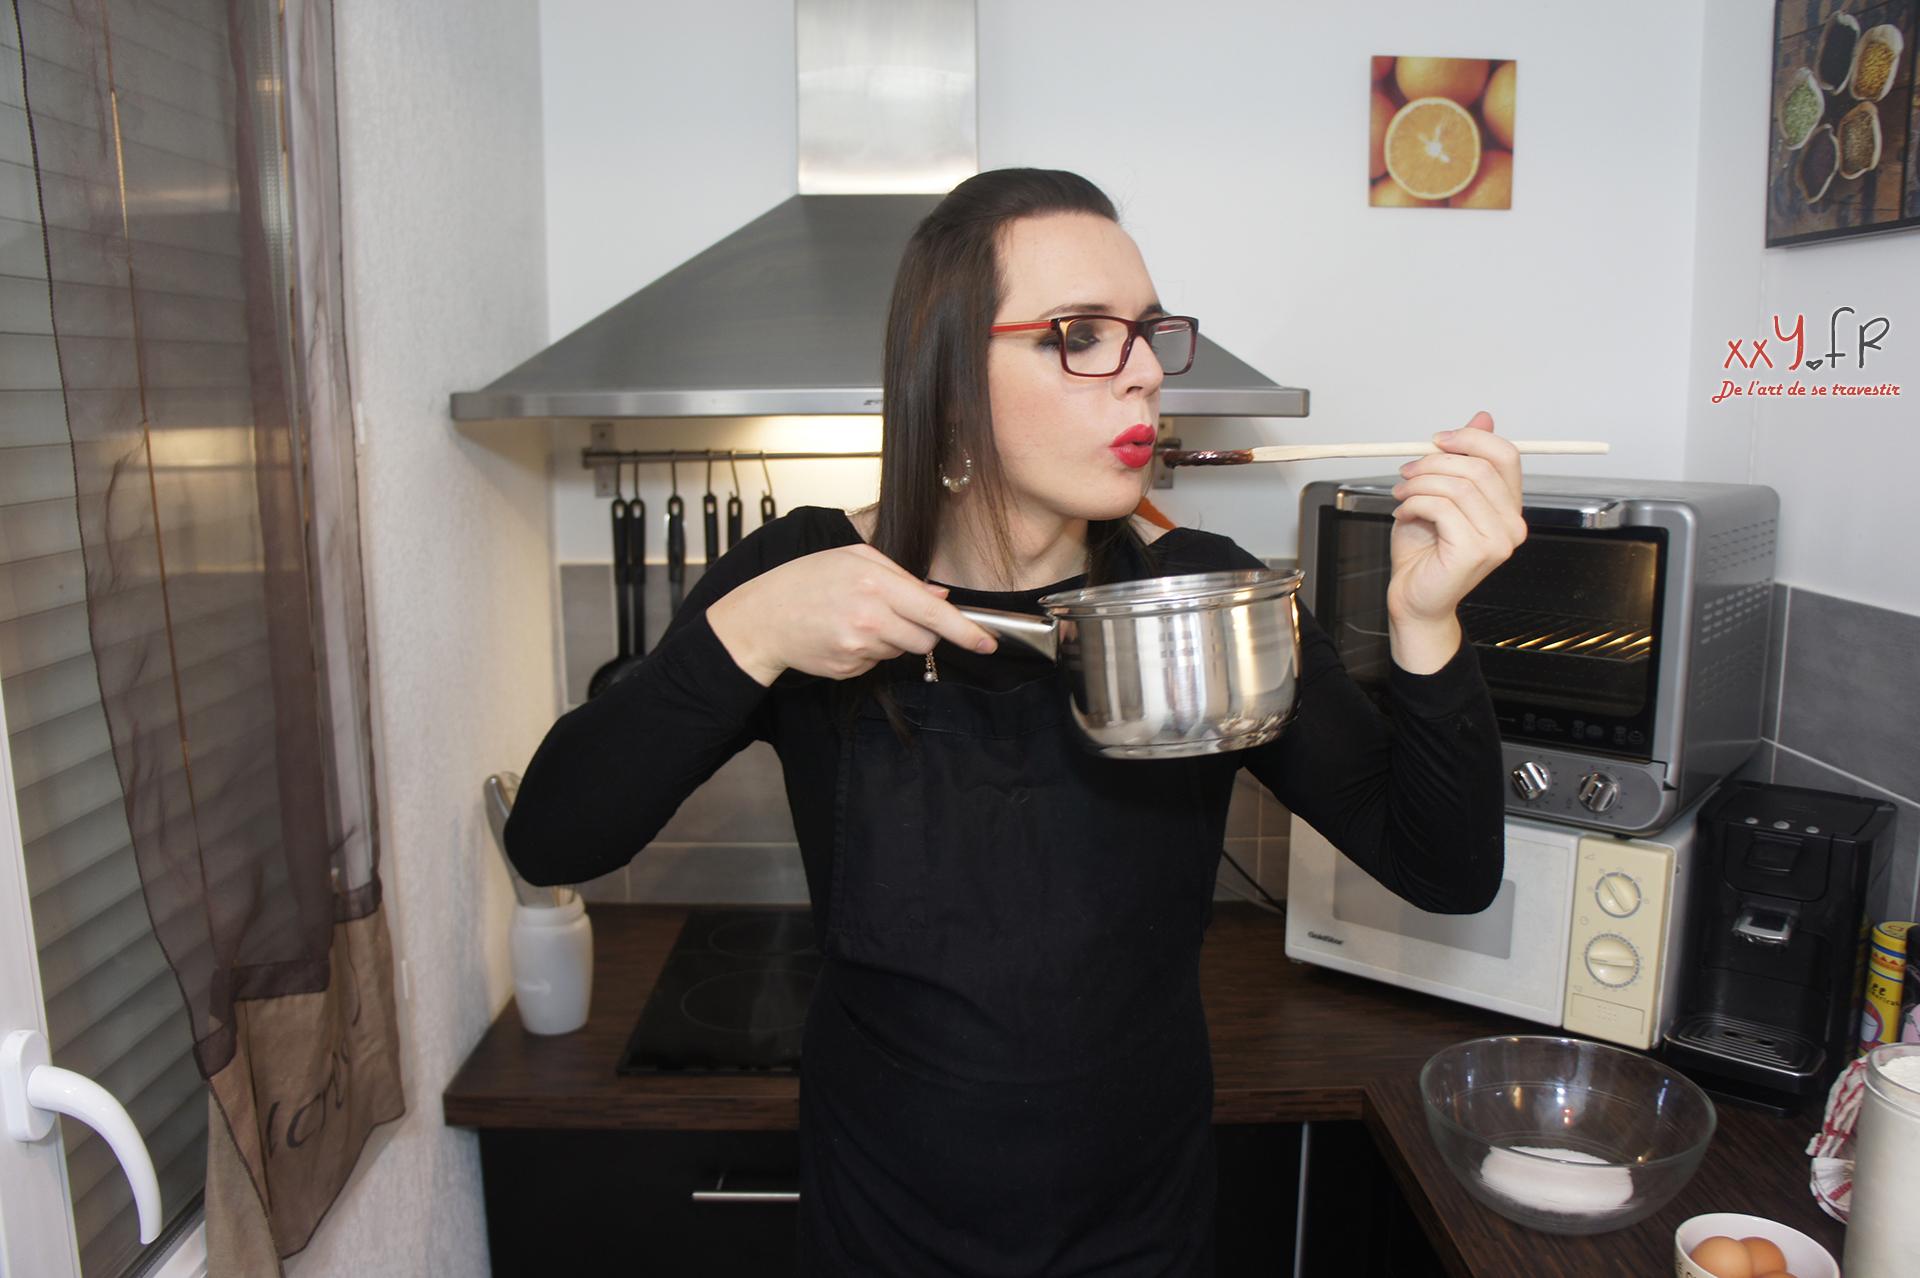 Il faut toujours goûter, en cuisine. Mais attention à ne pas vous brûler, hein...